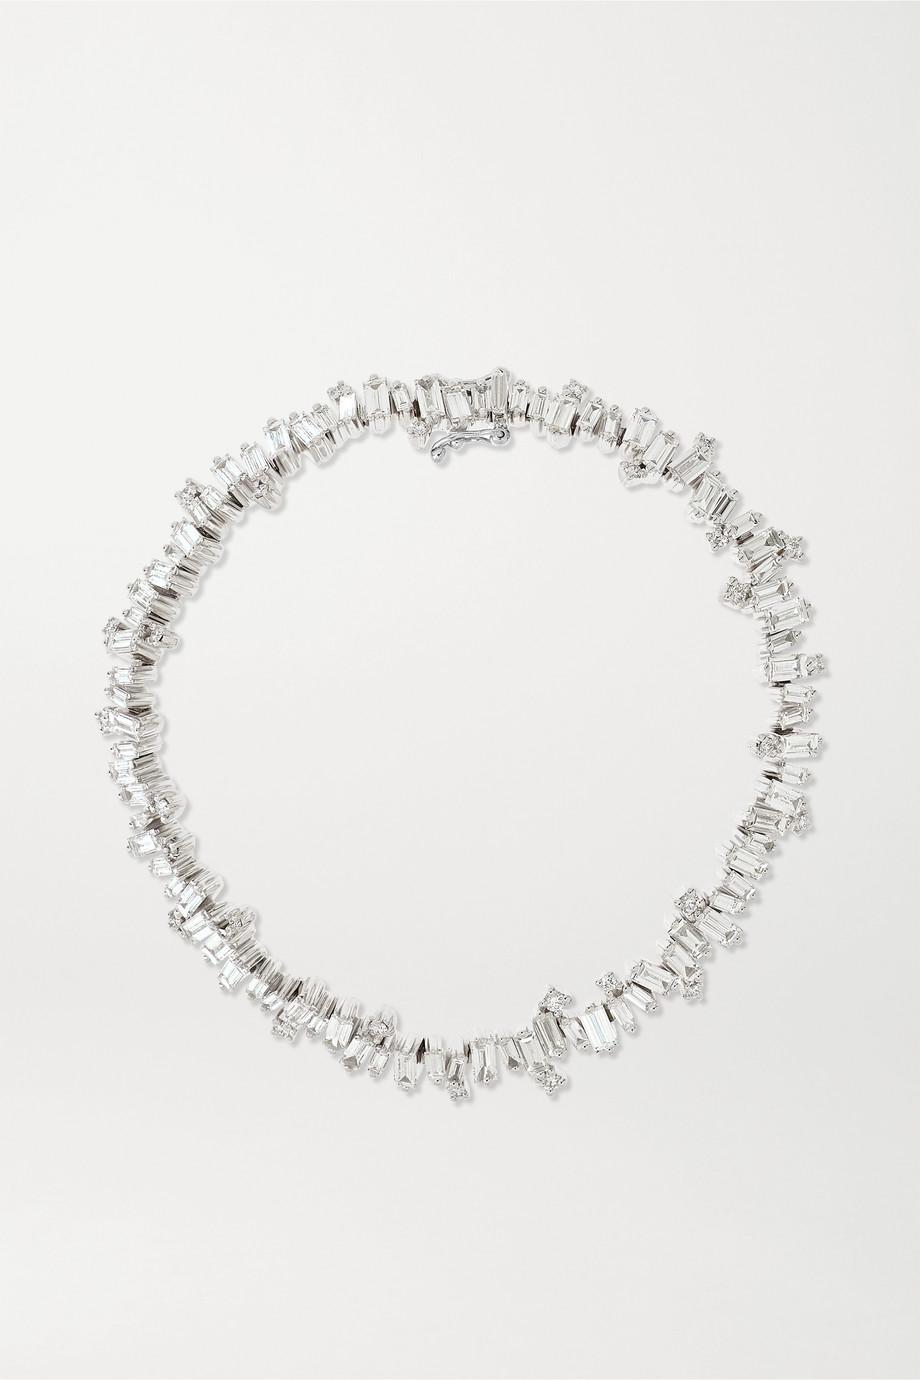 Suzanne Kalan Bracelet rivière en or blanc 18 carats et diamants Fireworks